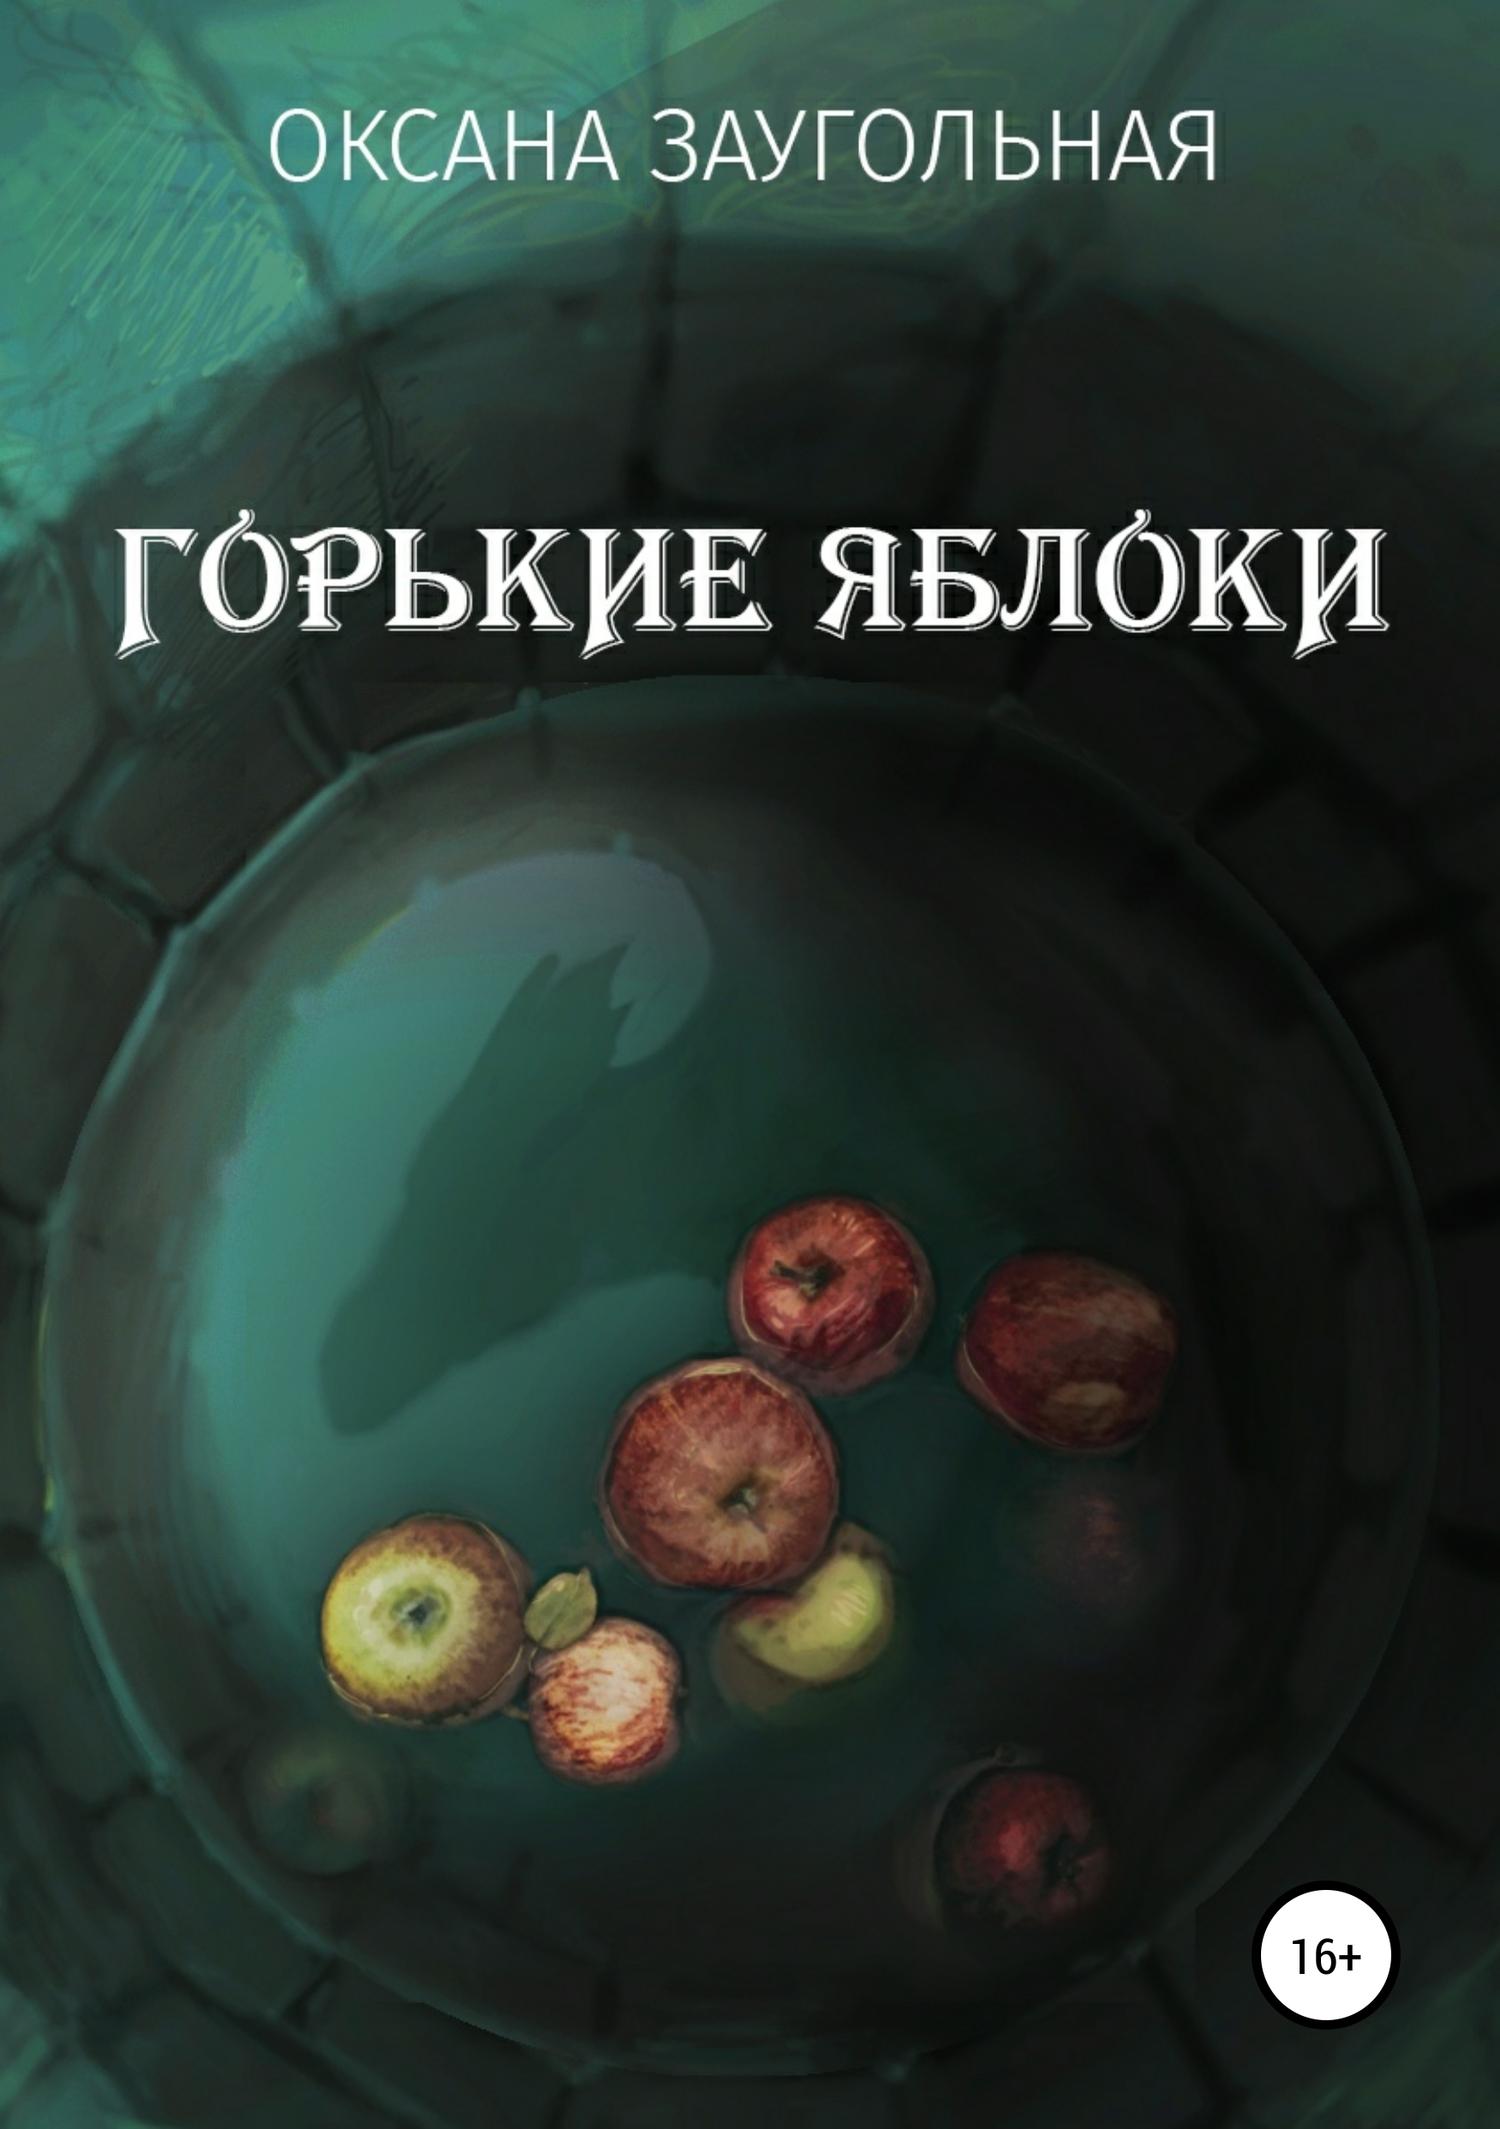 Горькие яблоки